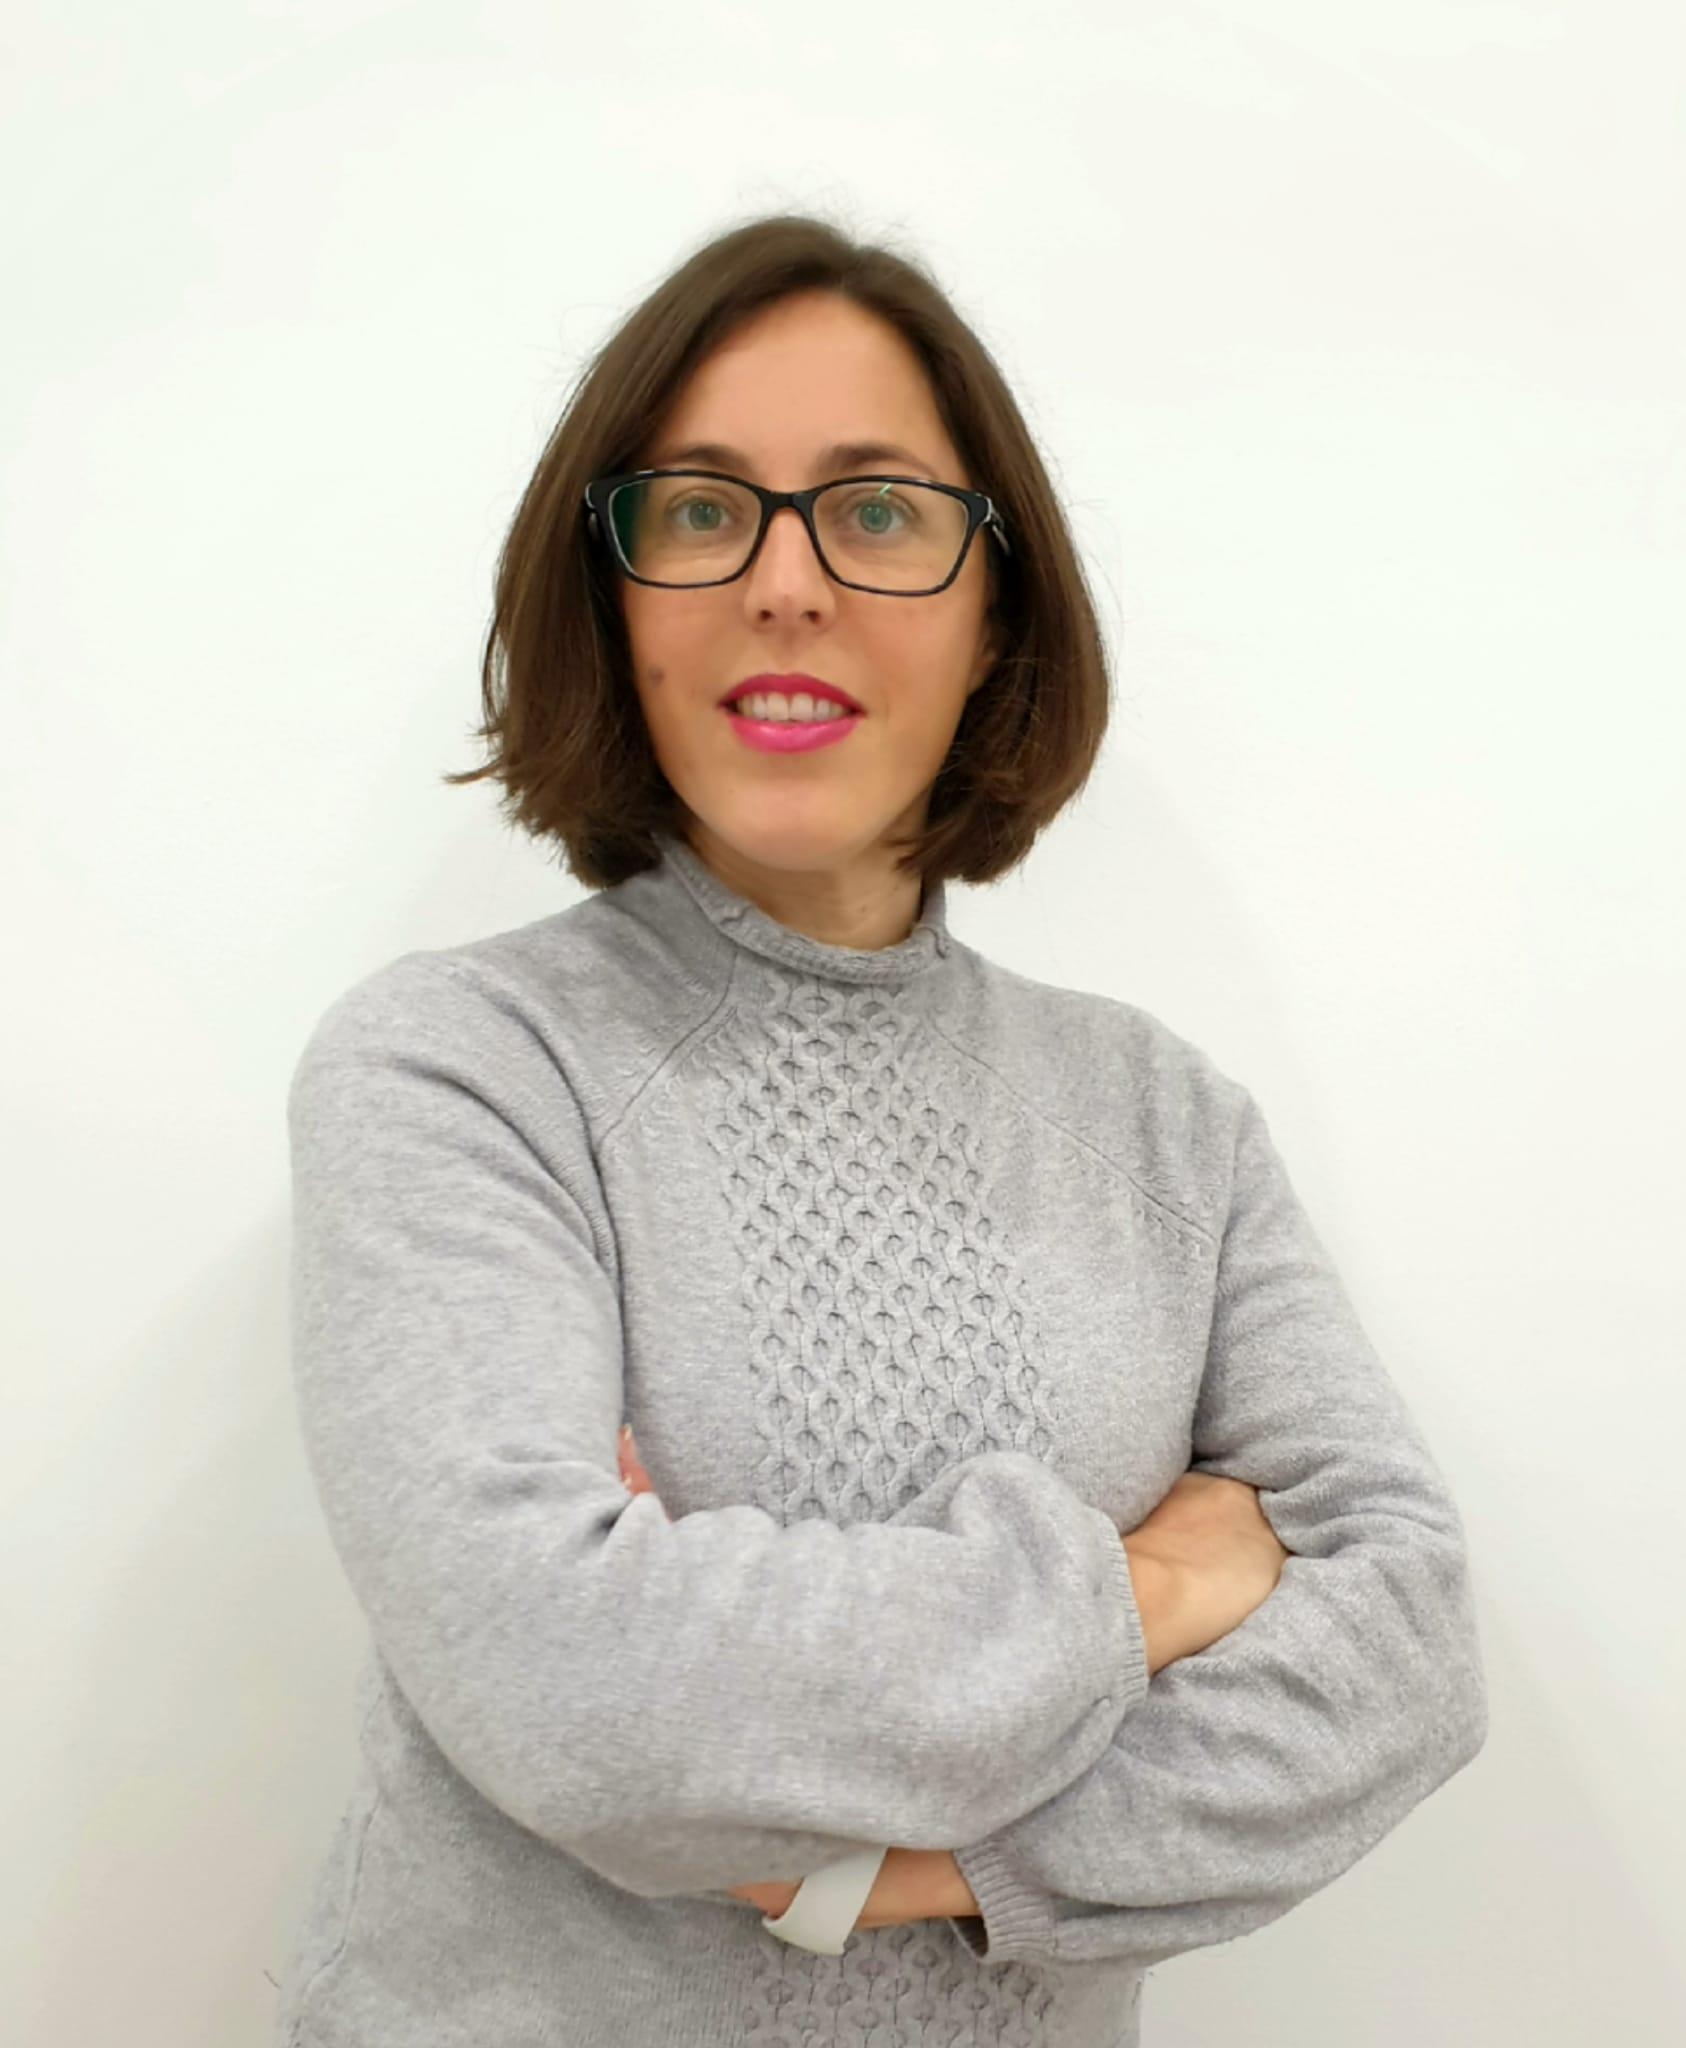 María García Molina